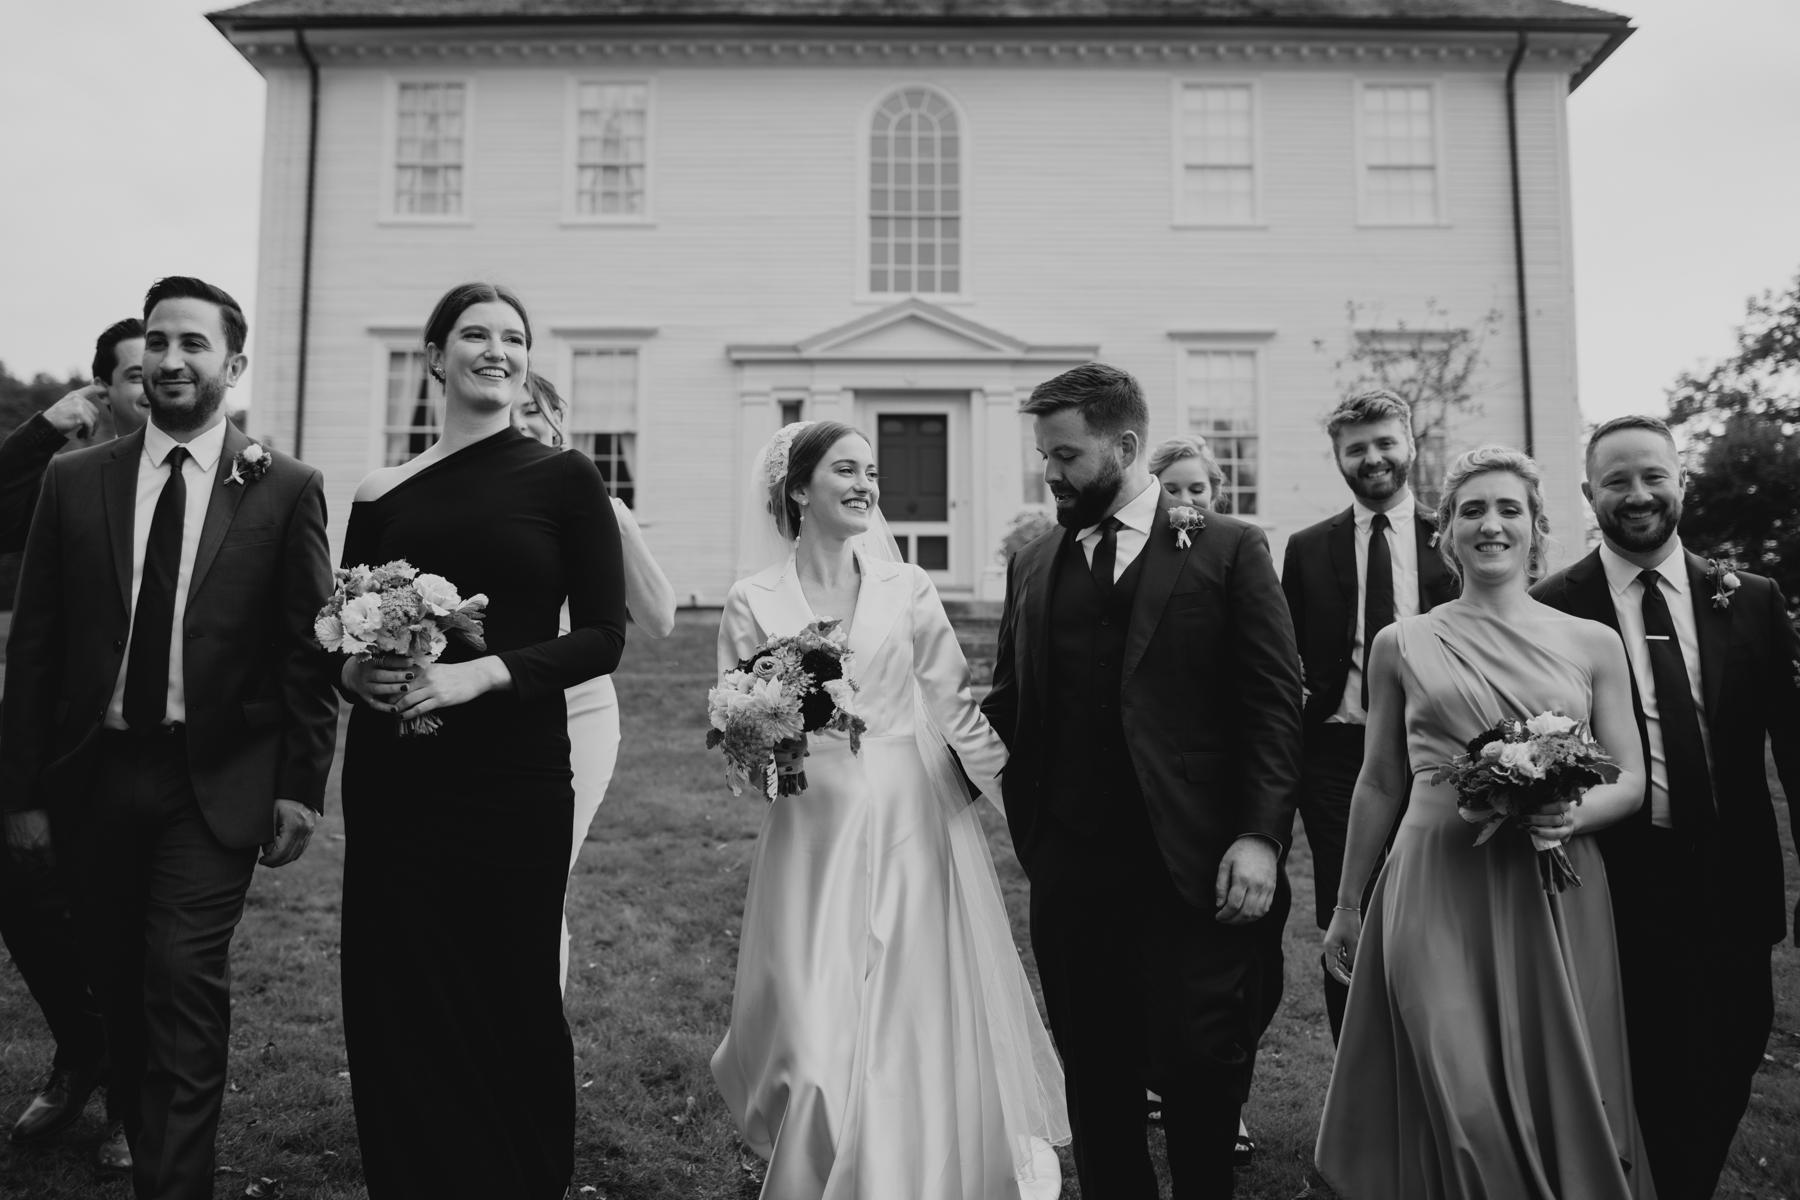 Hamilton_House_wedding_maine_Leah_Fisher_Photography-15.jpg